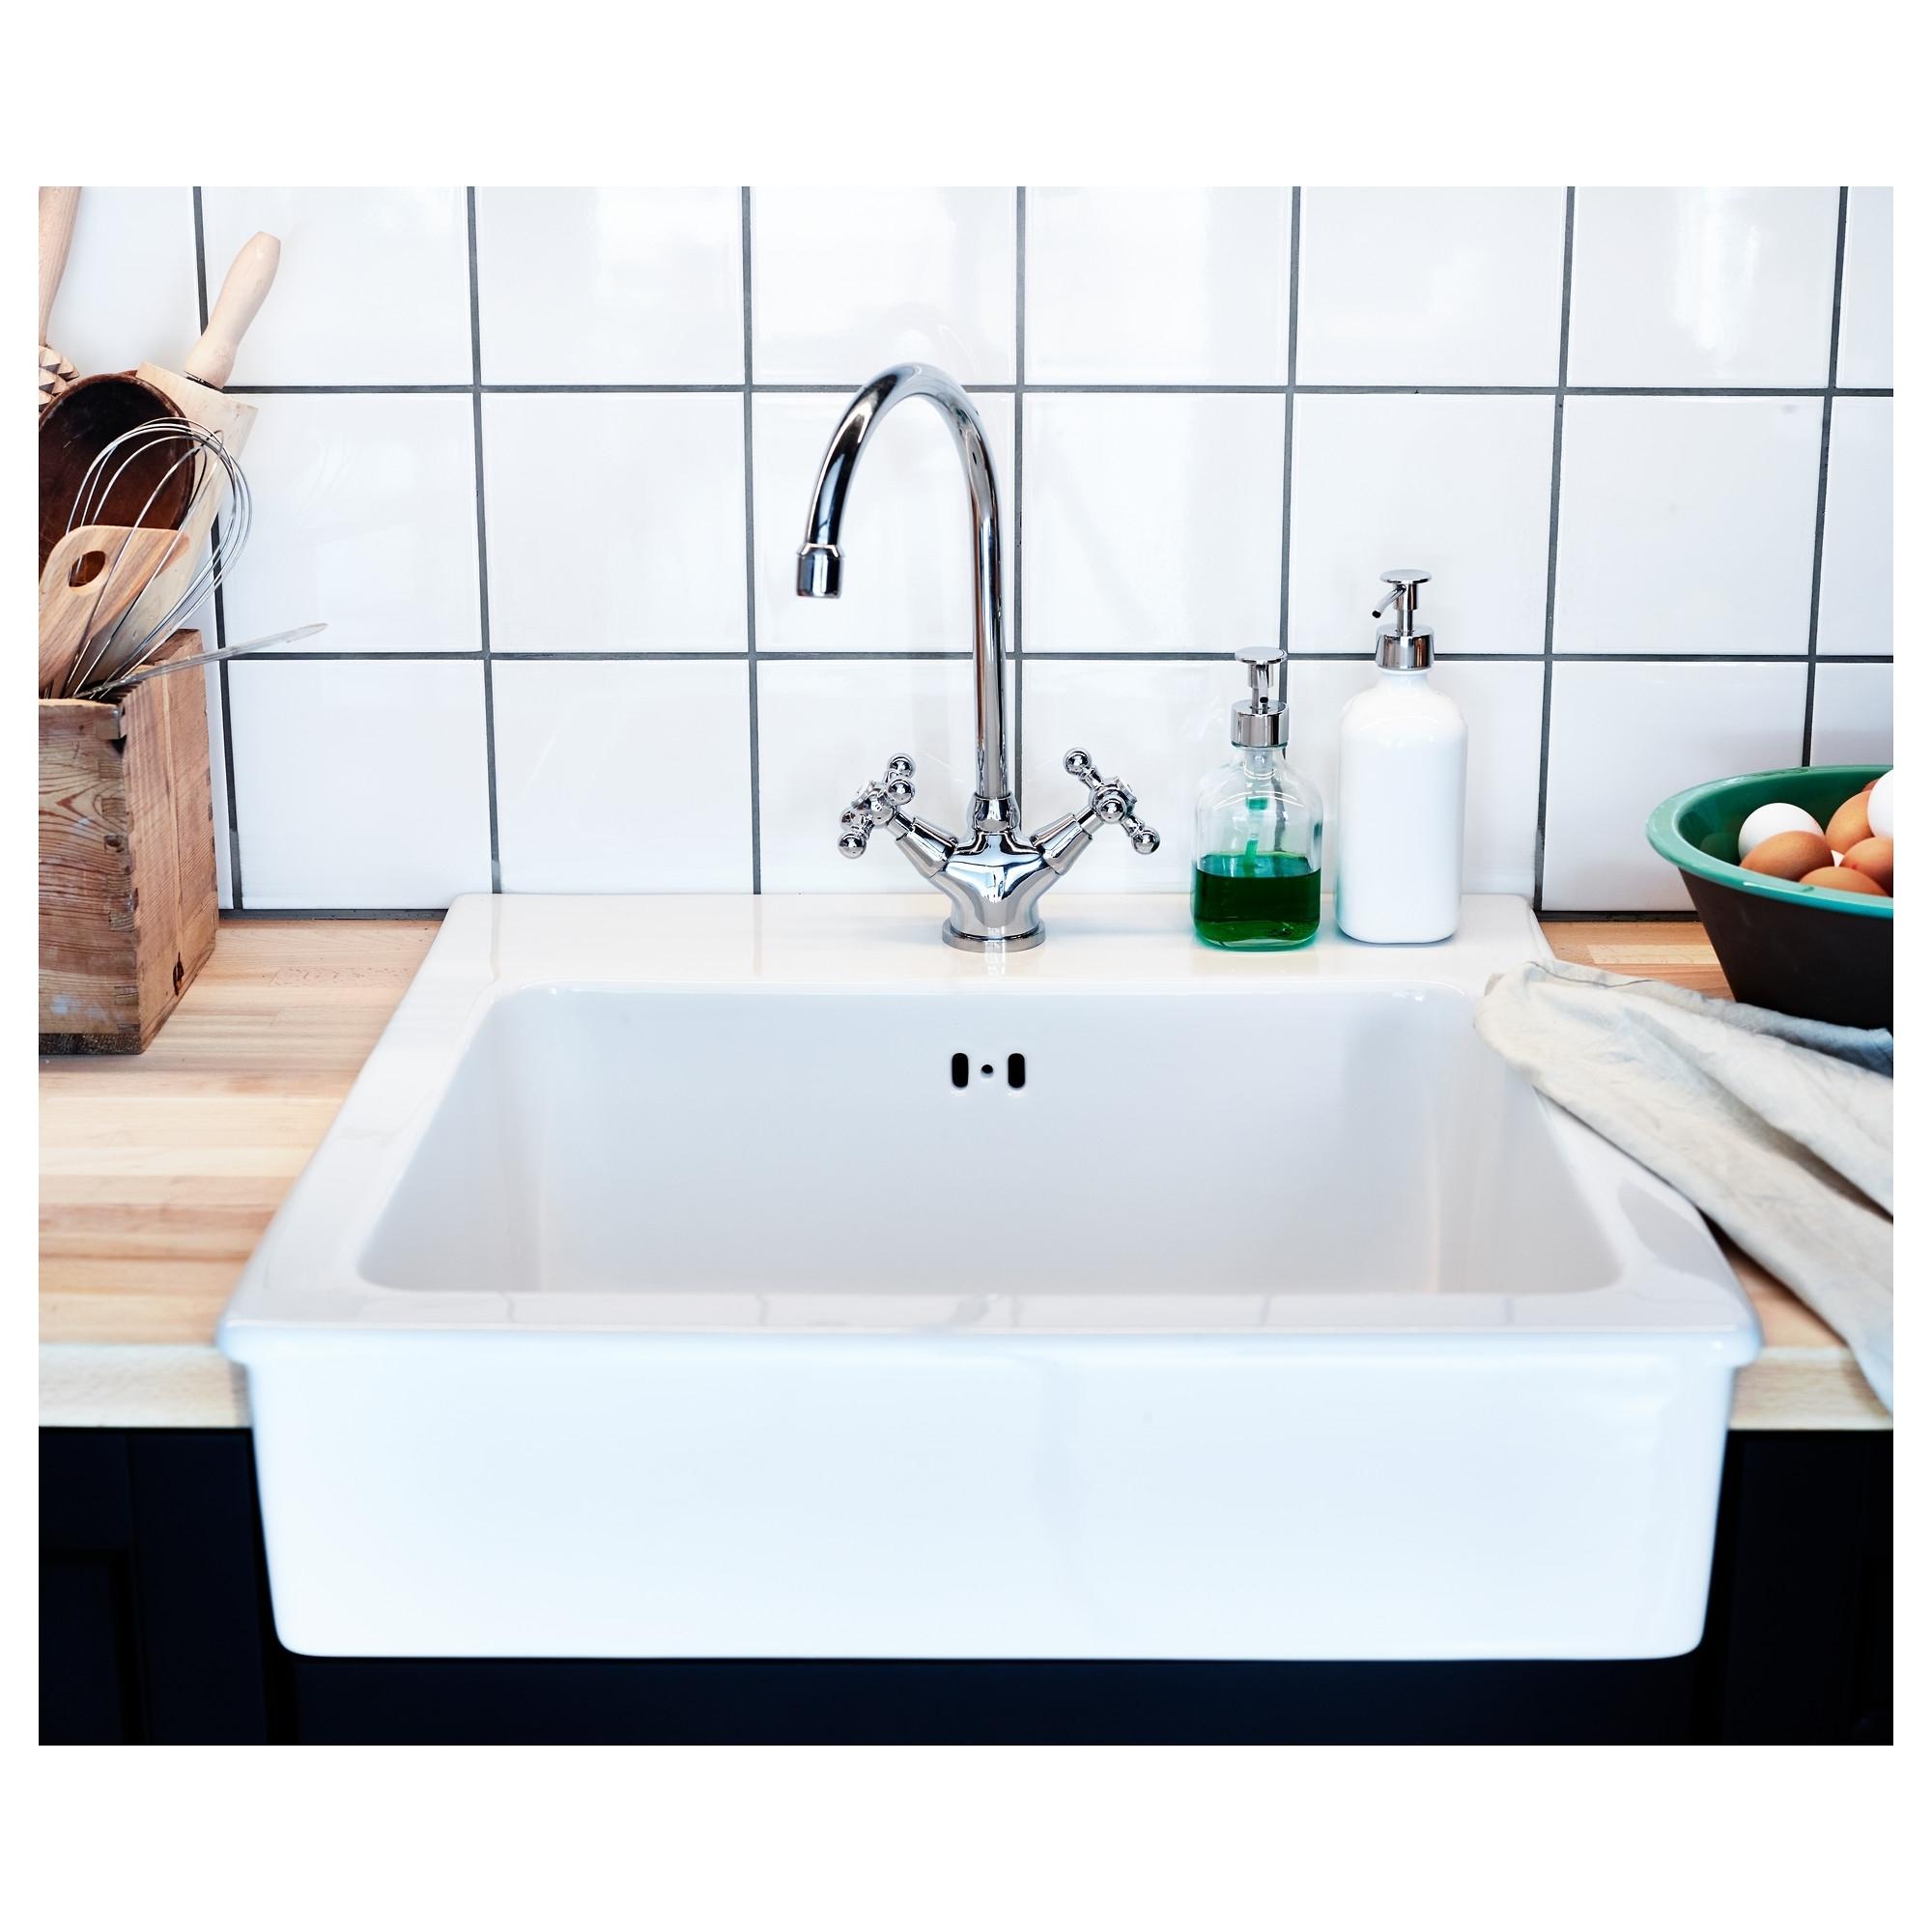 Lavello In Ceramica Ikea